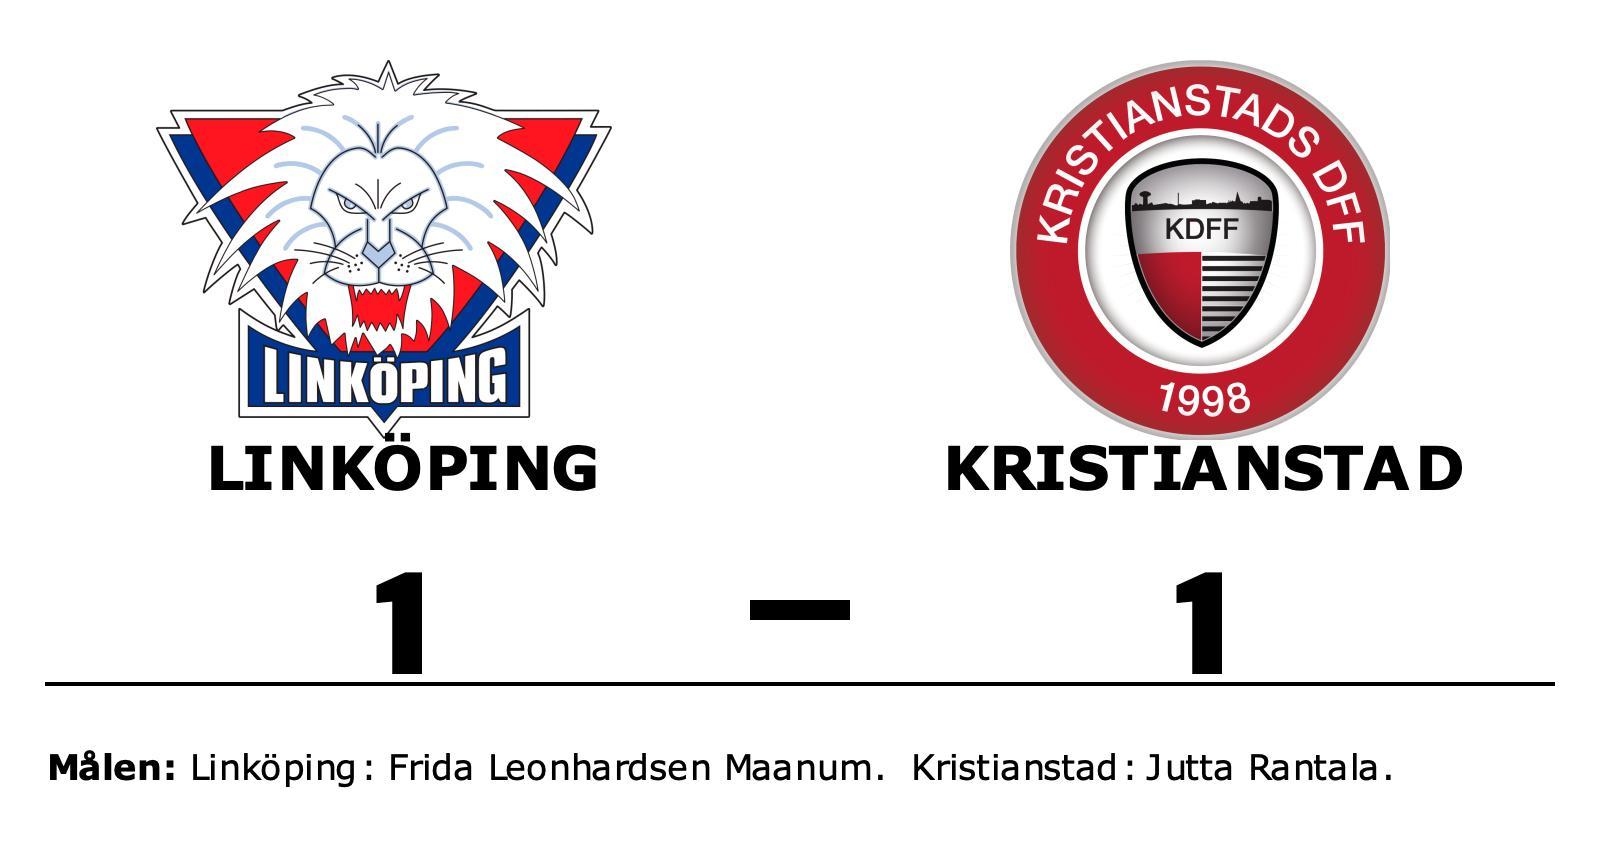 Jutta Rantala poängräddare för Kristianstad mot Linköping